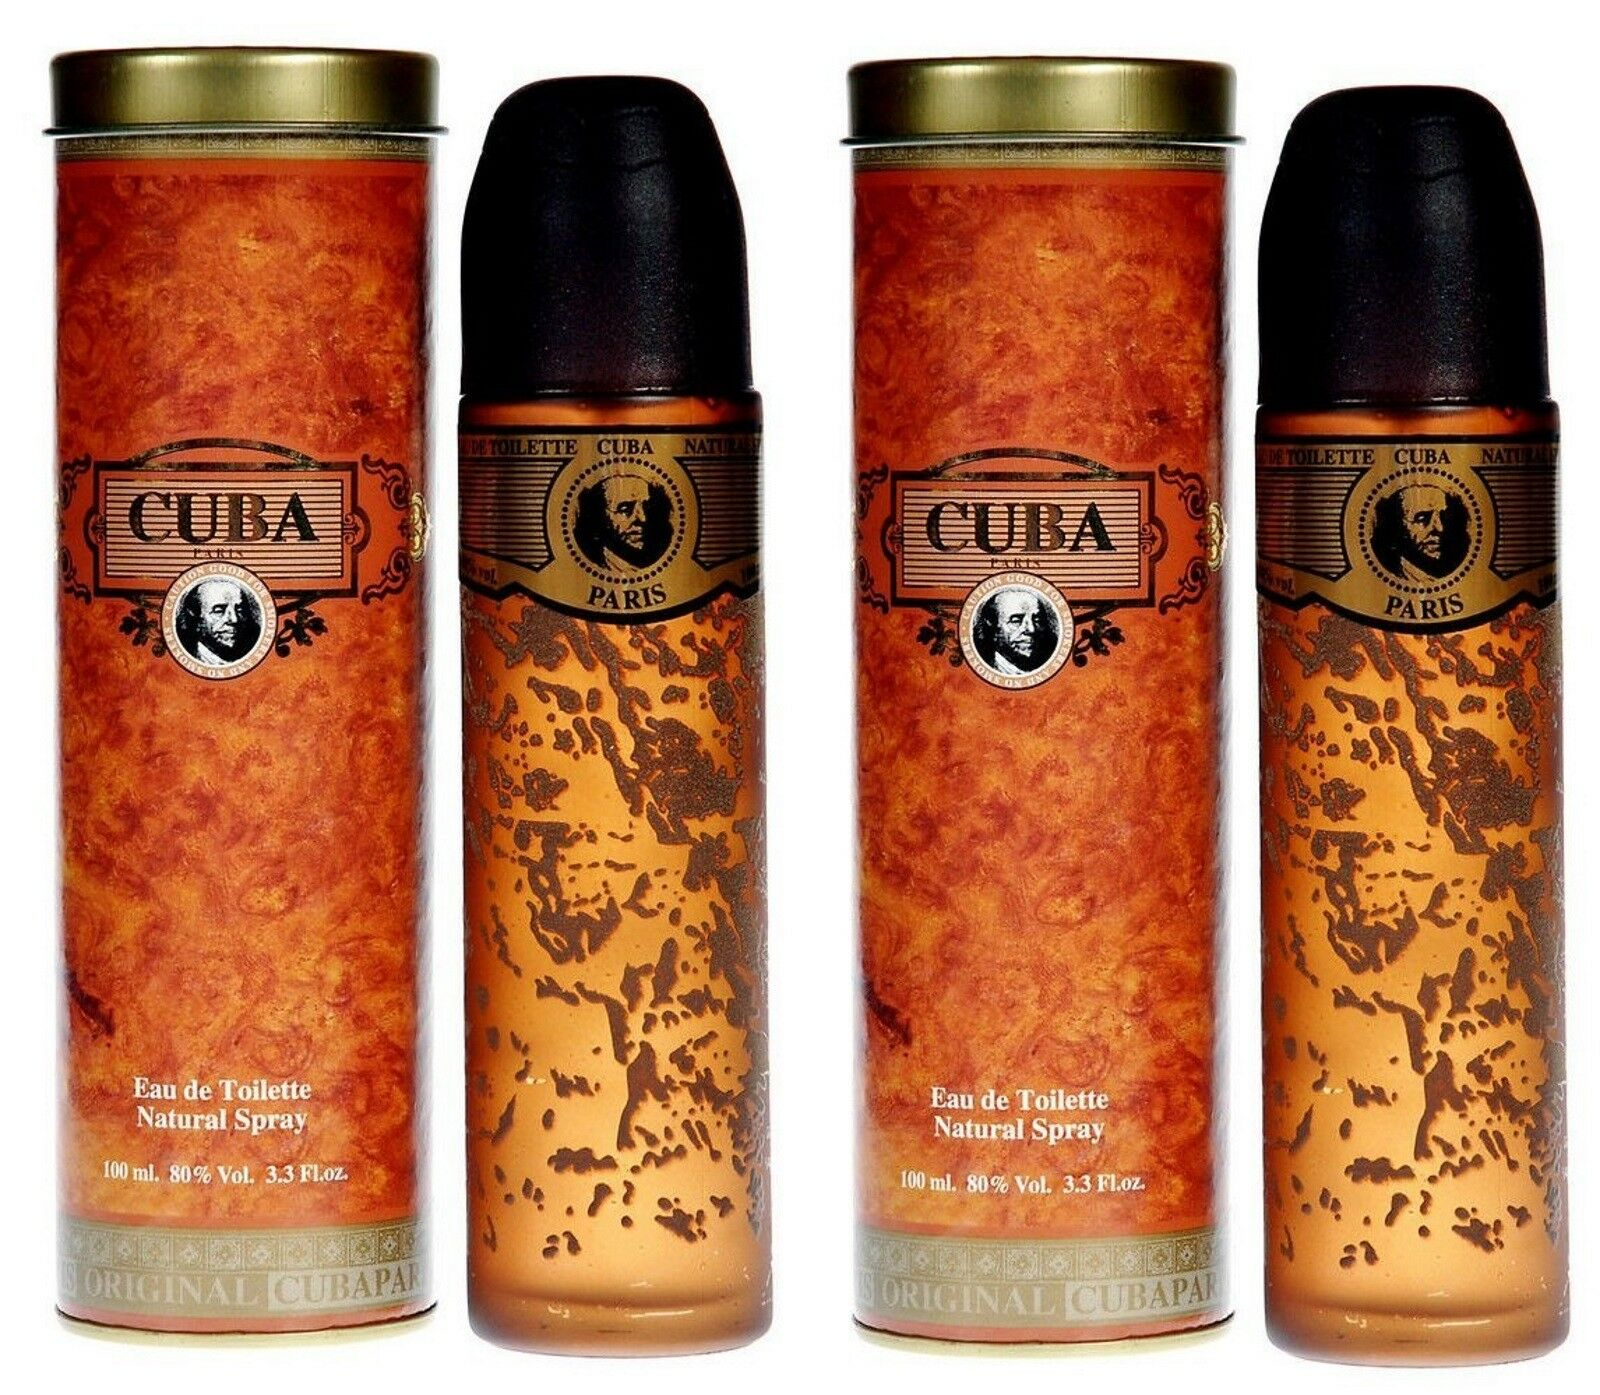 купить 2 Cuba Paris Gold Edt Parfum Herren Set на Ebayde из